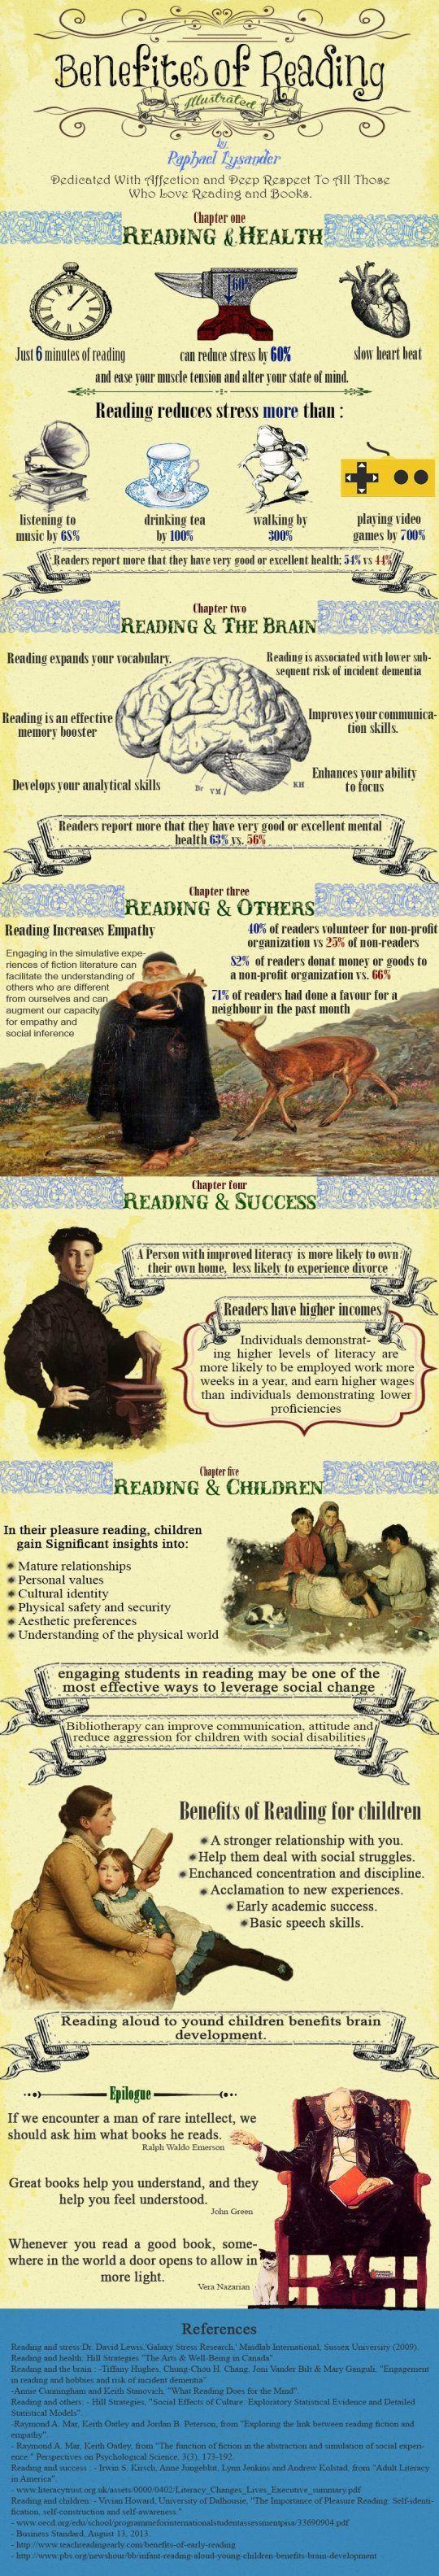 Benefites of reading